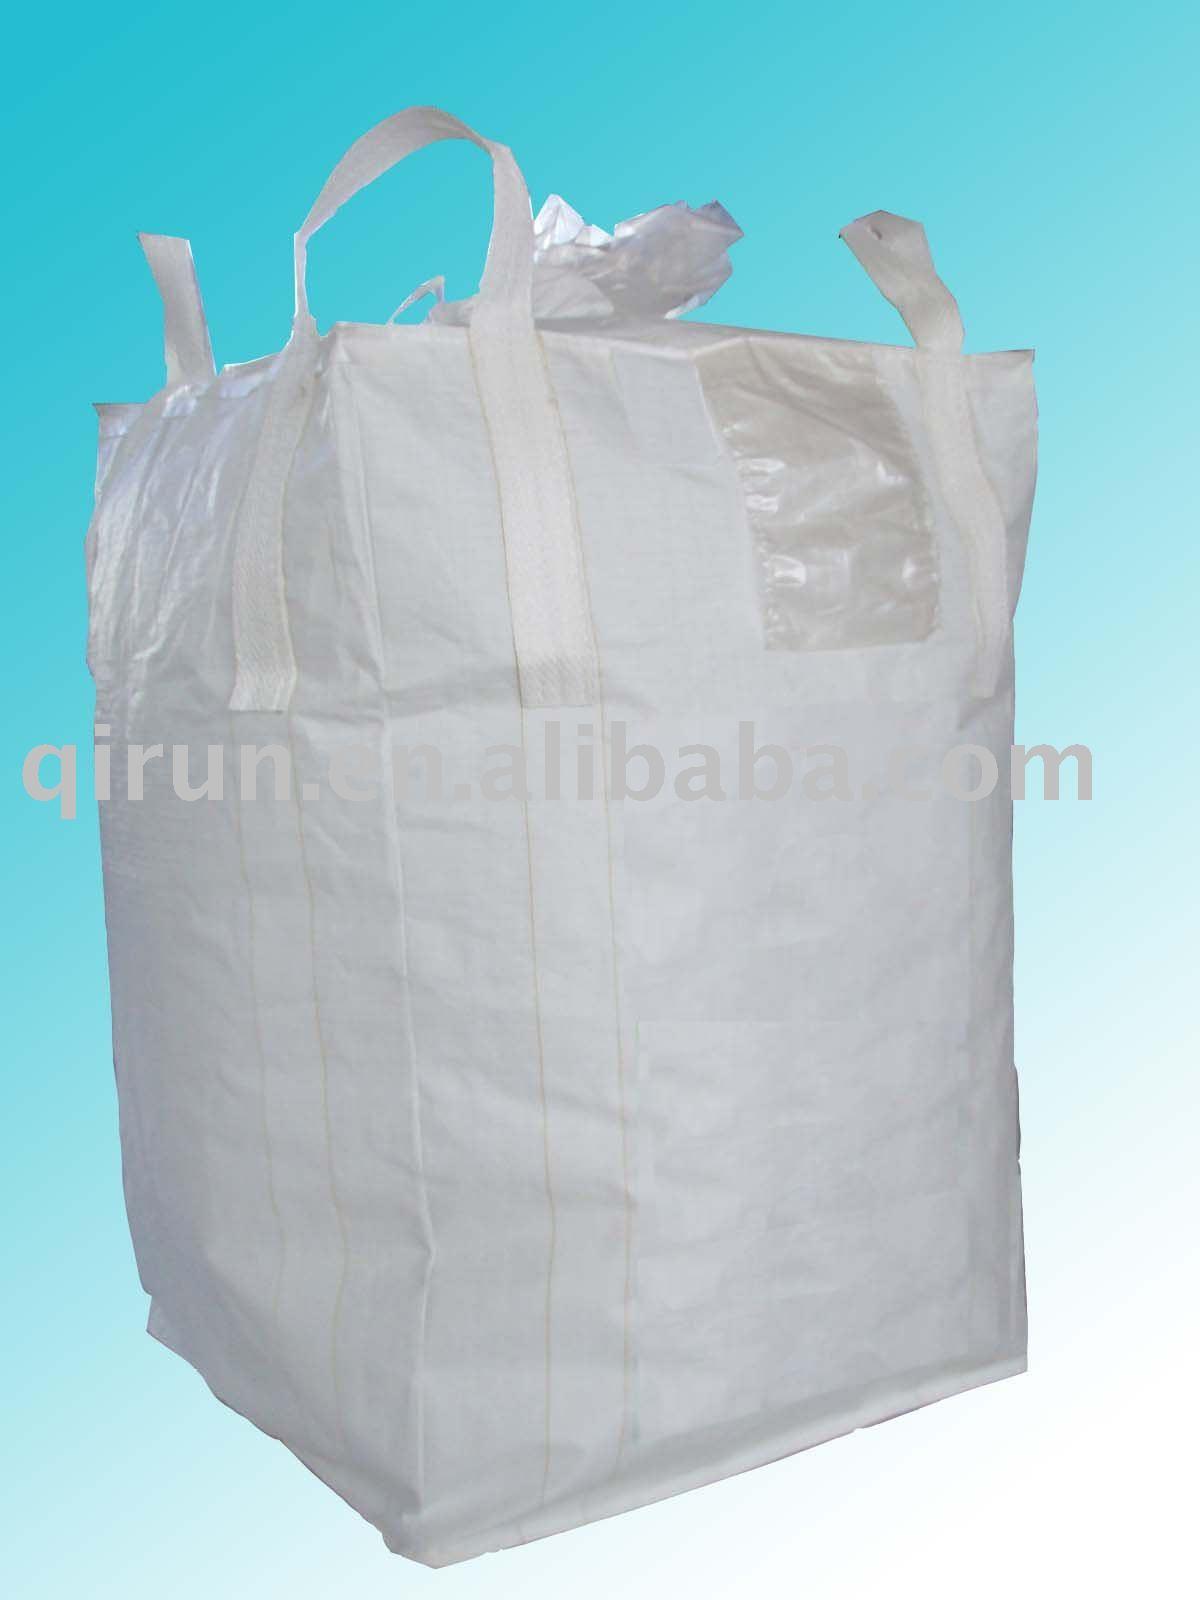 Jumbo bolsa de pl stico sacos de escombros identificaci n - Bolsas para escombros ...